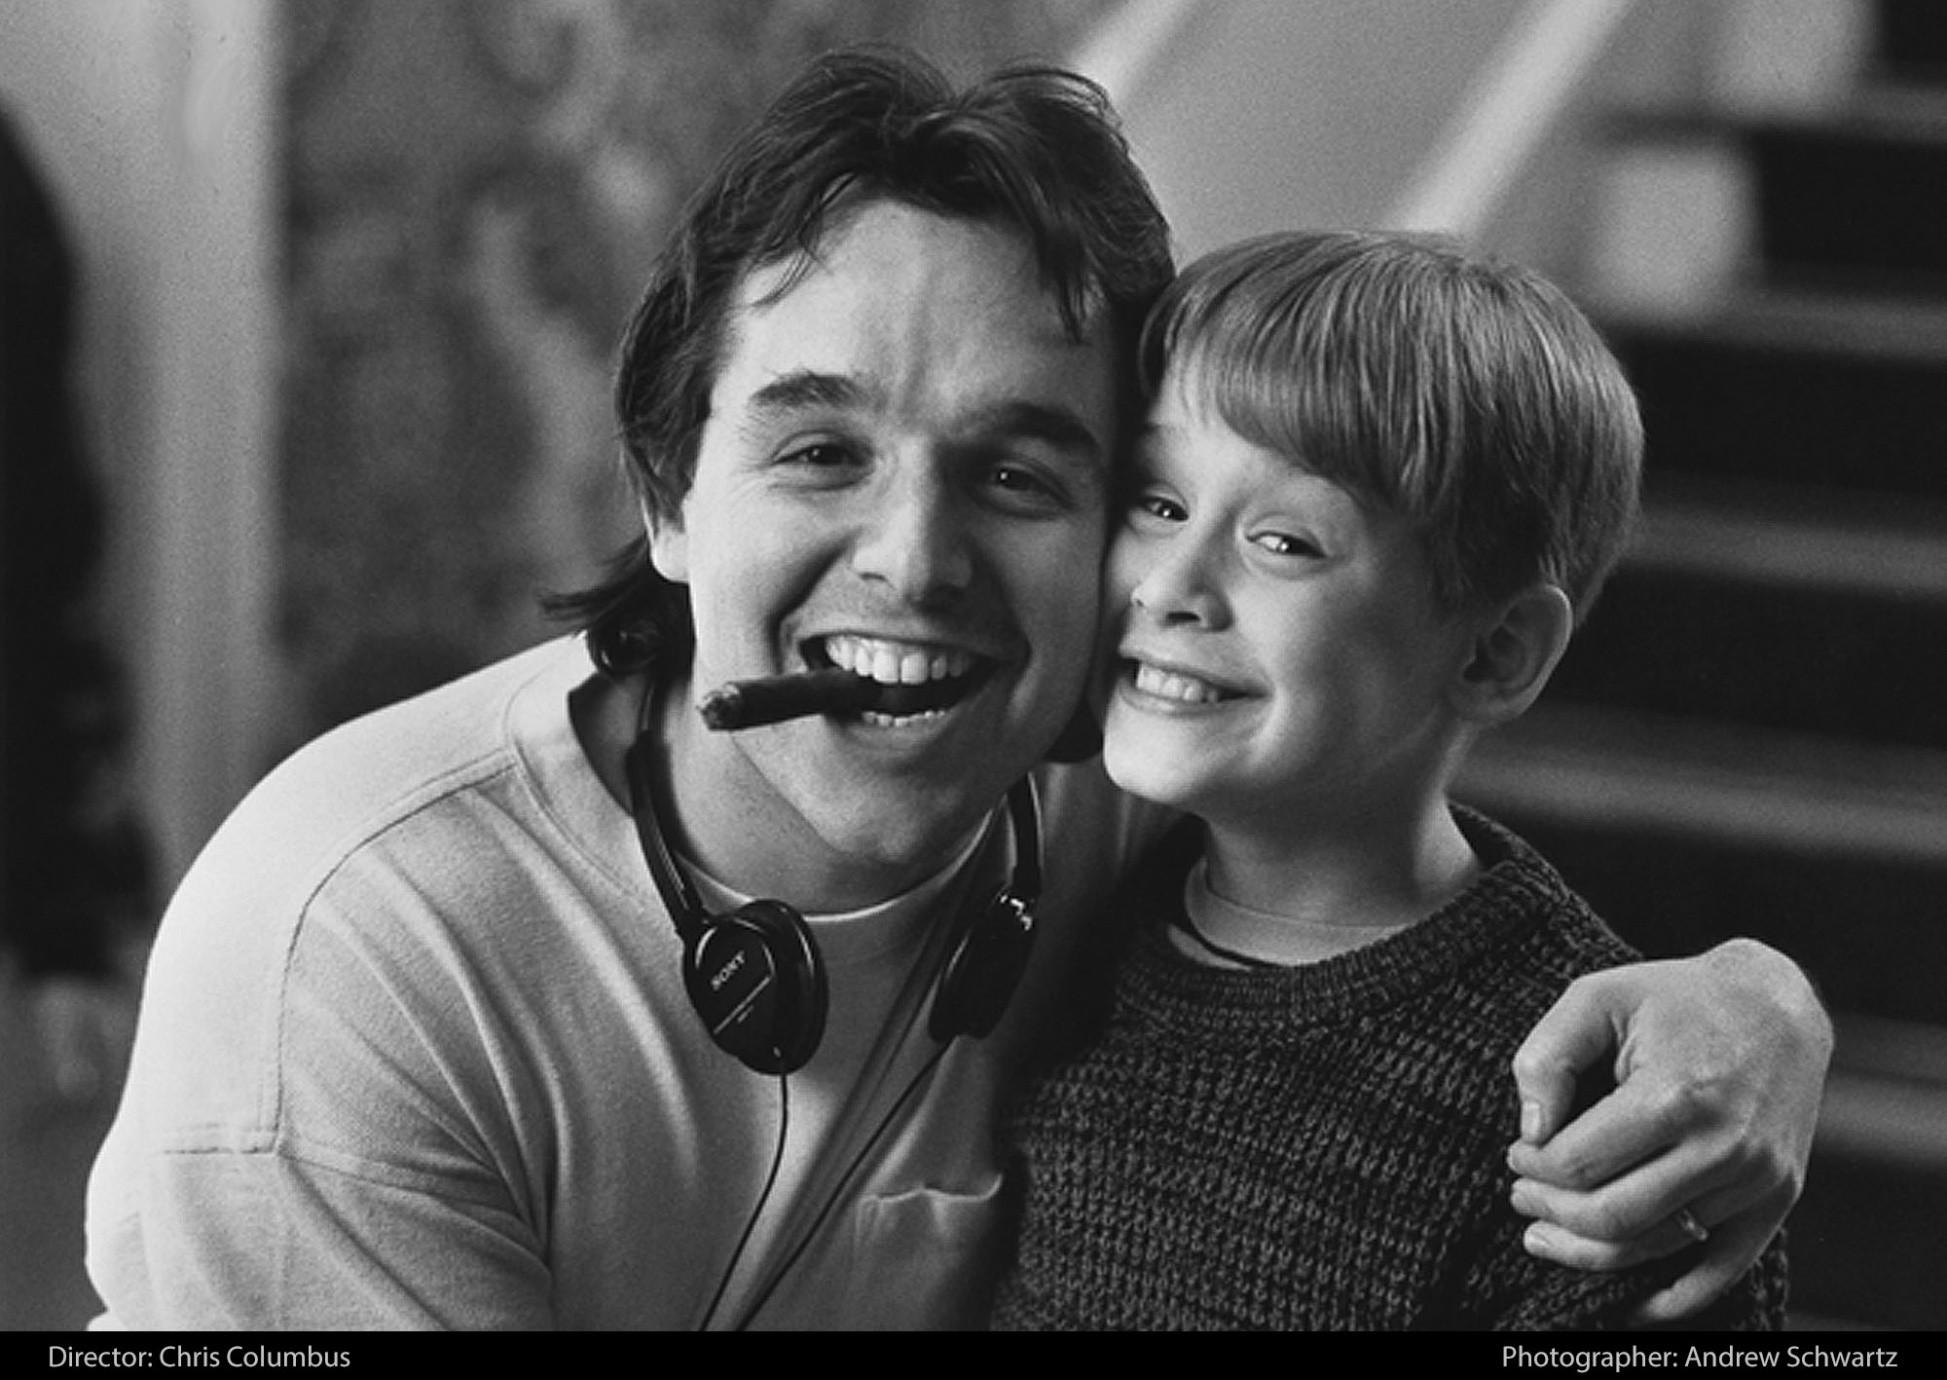 Режиссер Крис Коламбус и Маколей Калкин на съемочной площадке фильма «Один дома», 1990 год